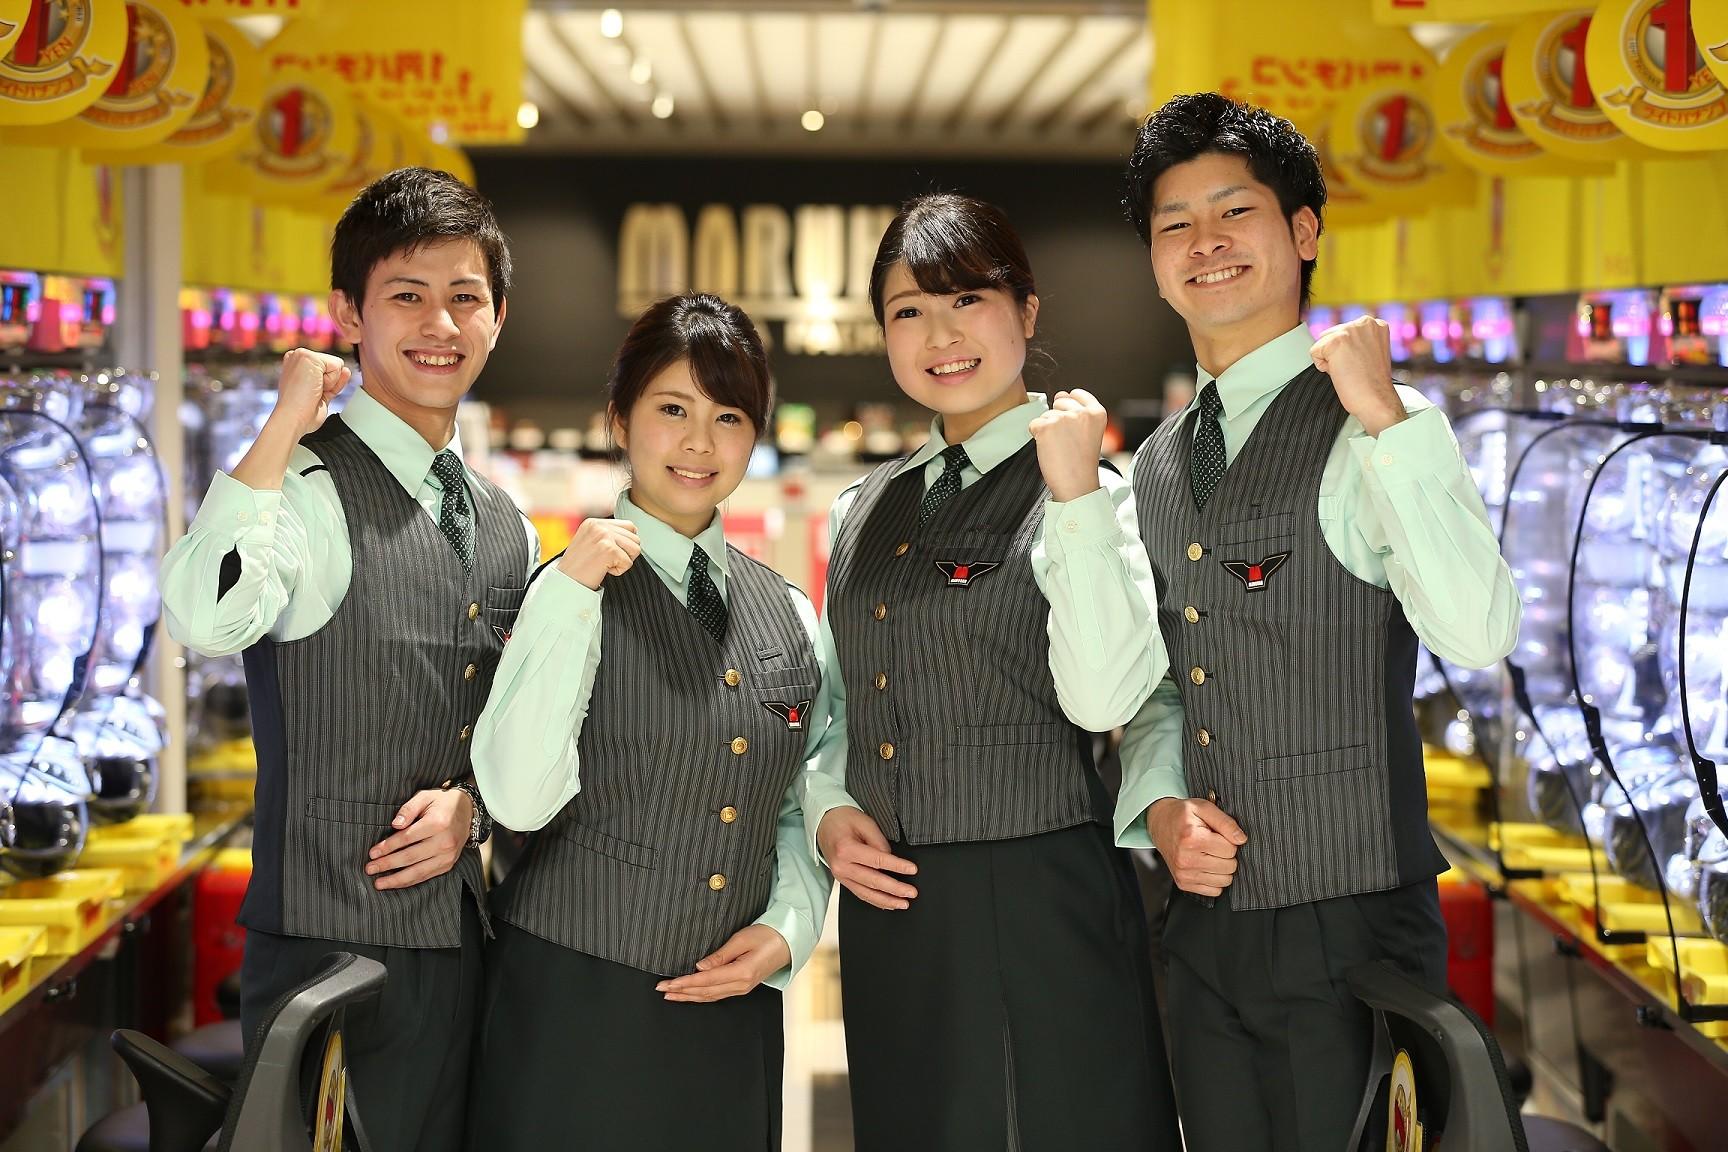 マルハン 上野店[2407]のアルバイト情報